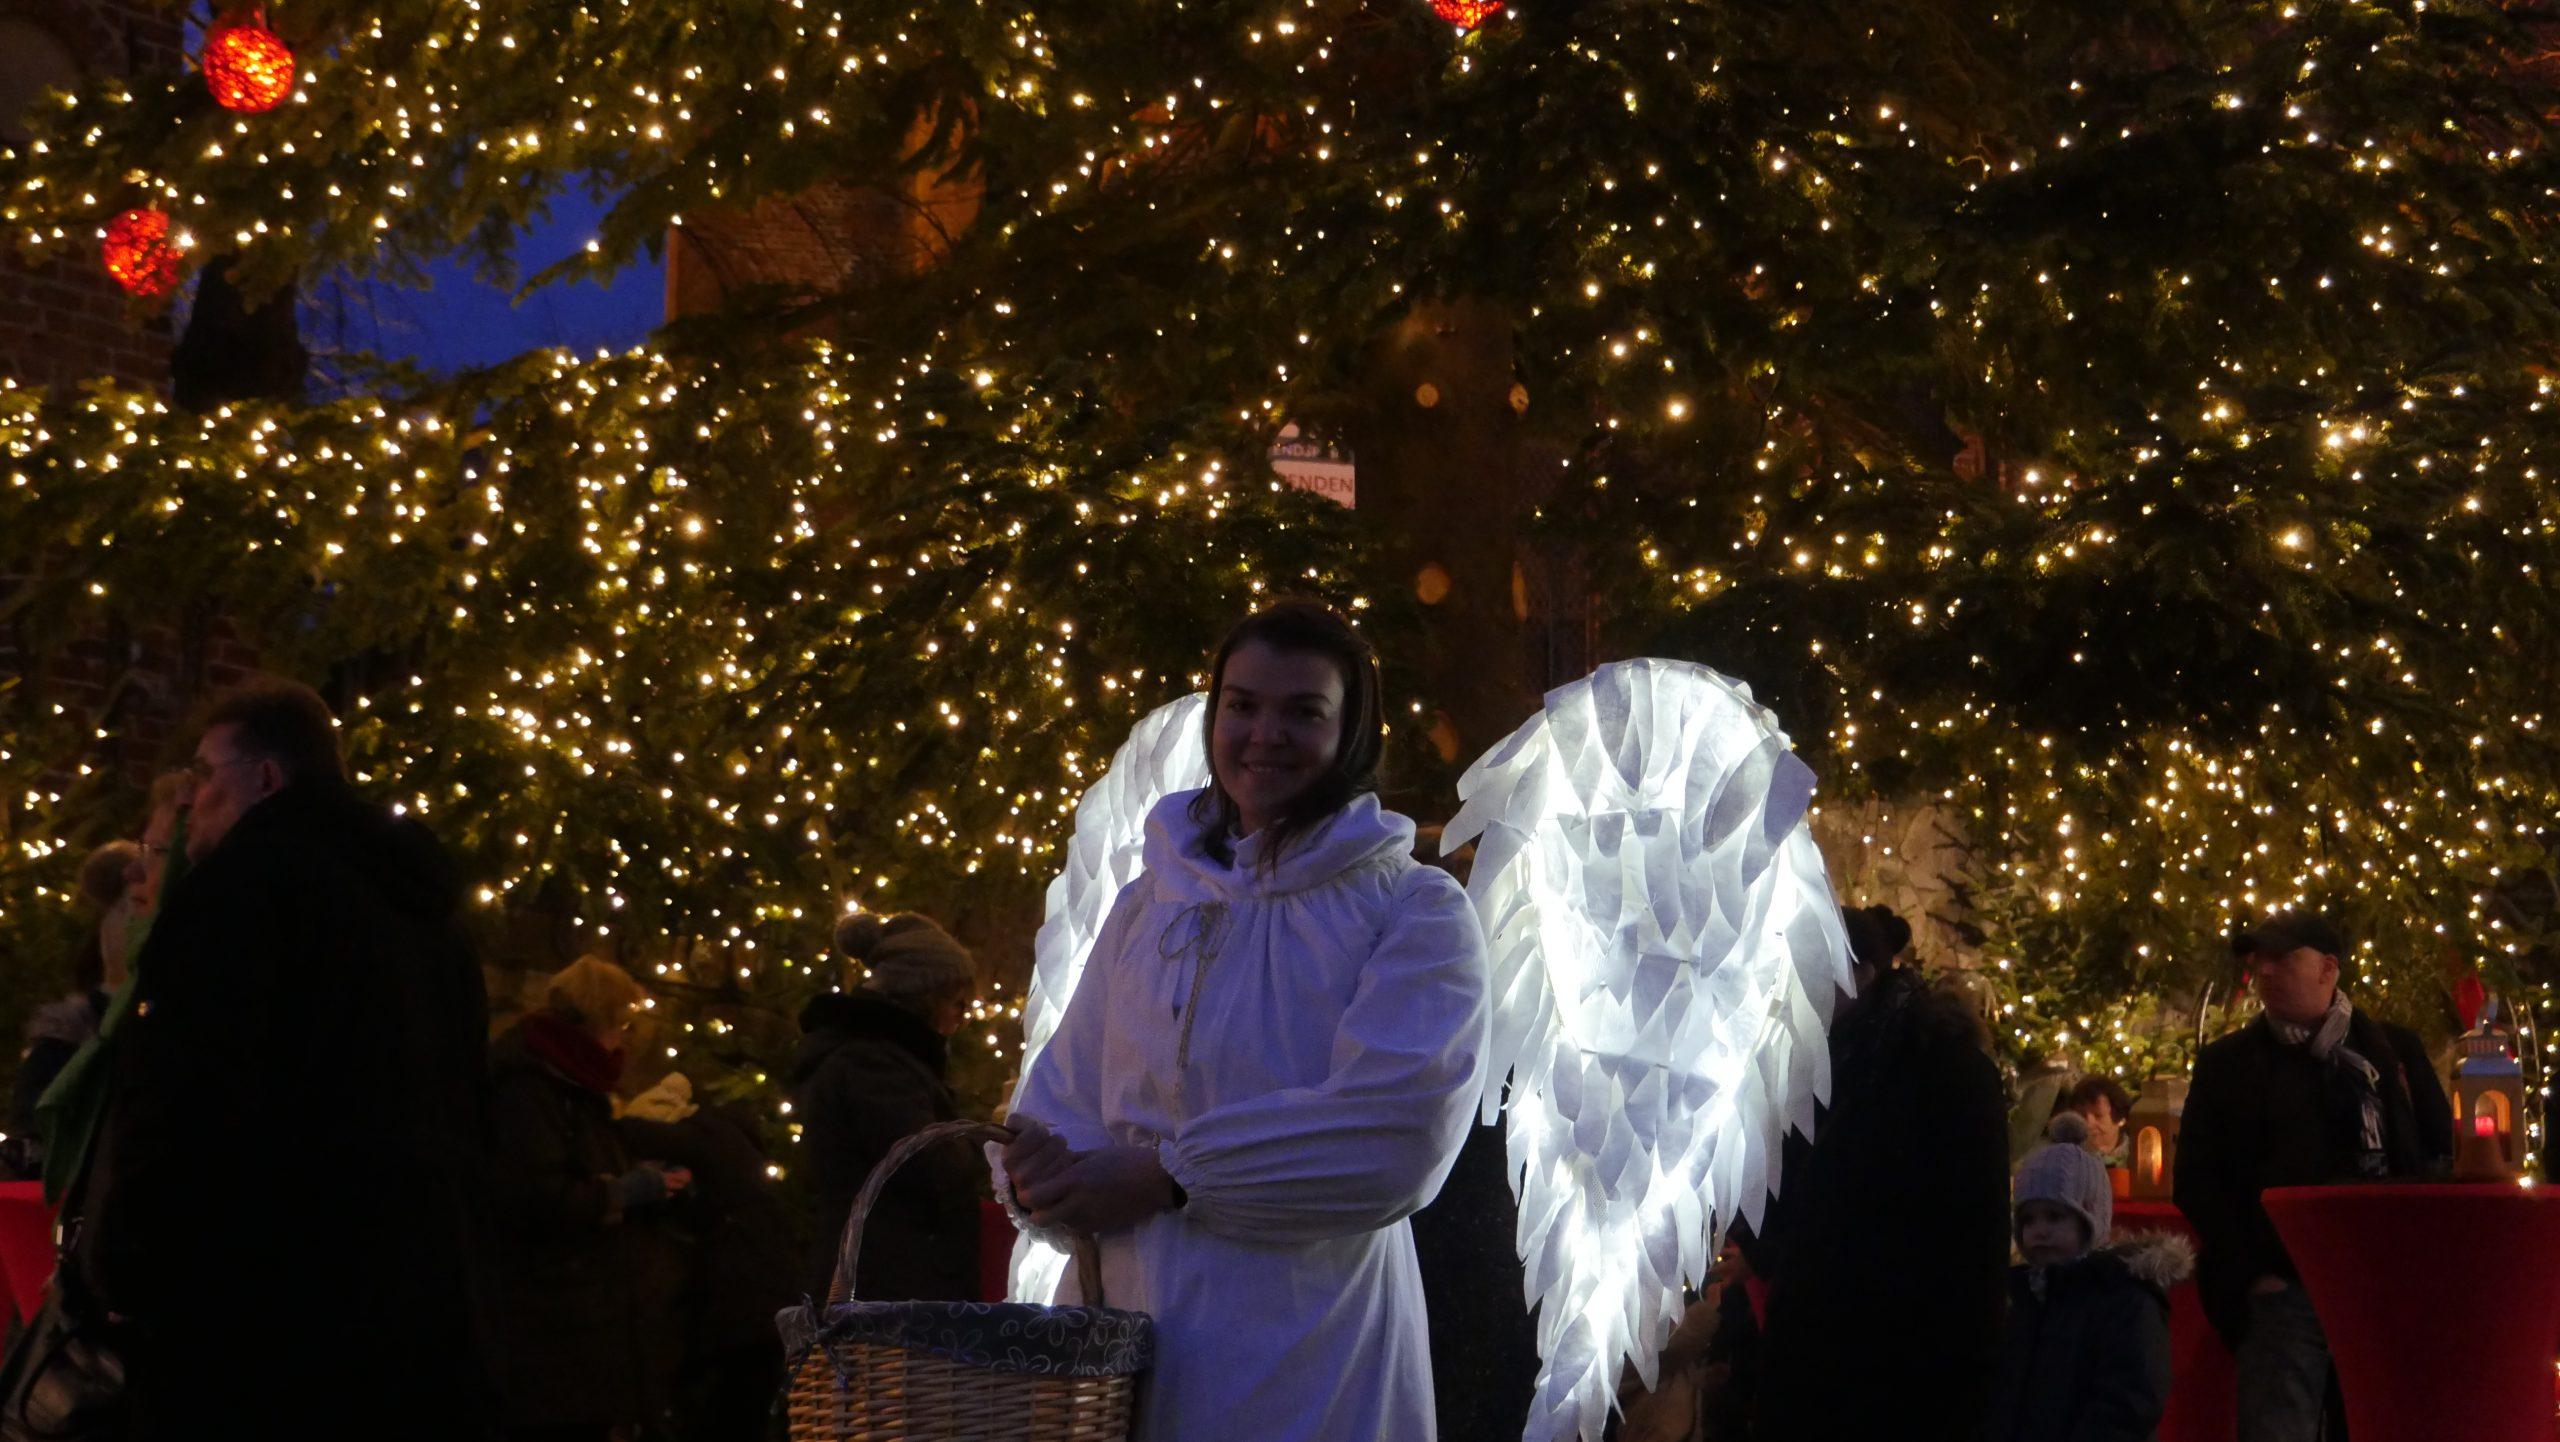 Engel auf dem Möllner Weihnachtsmarkt; Foto: © Jochen Buchholz